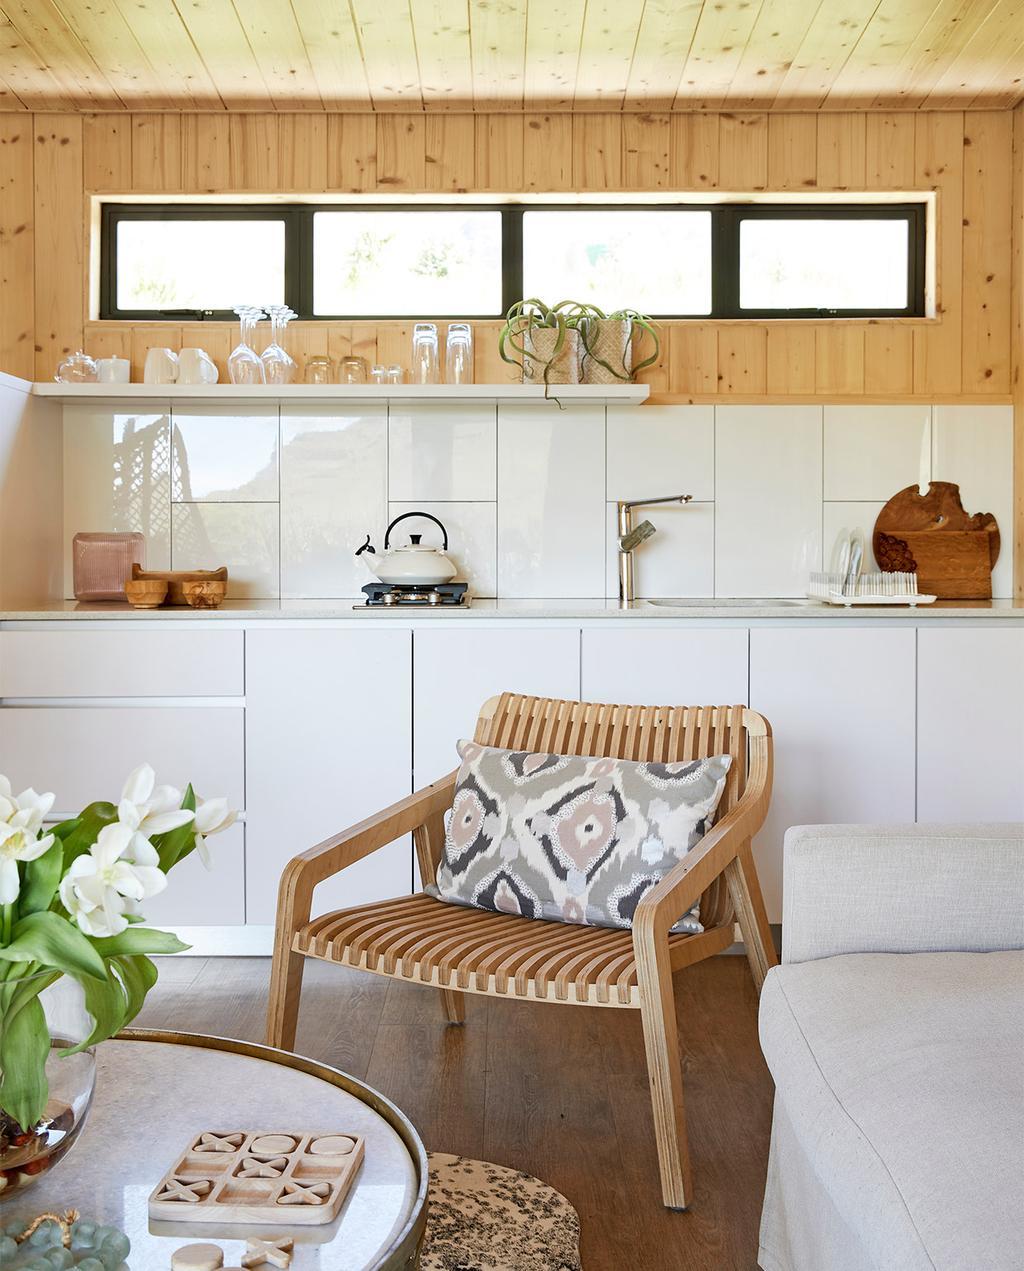 vtwonen special zomerhuizen 07-2021   stoel met kussen en houten wandplaten